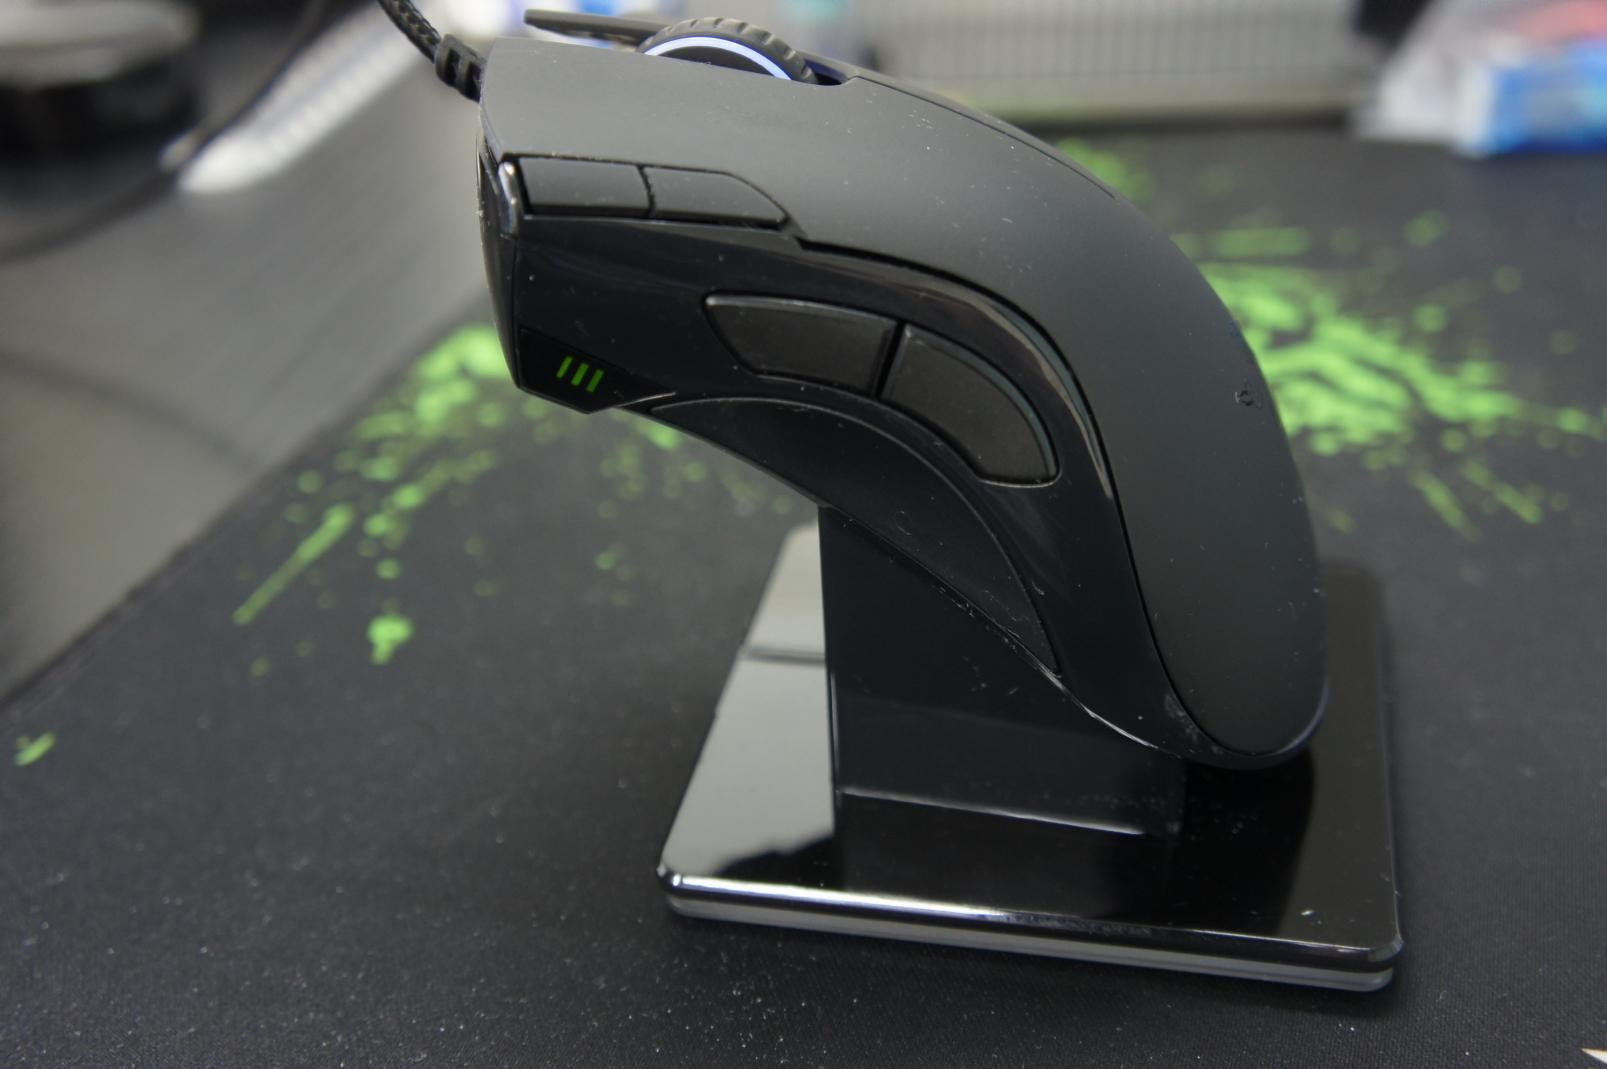 Razer mamba 2018 firmware 1.07